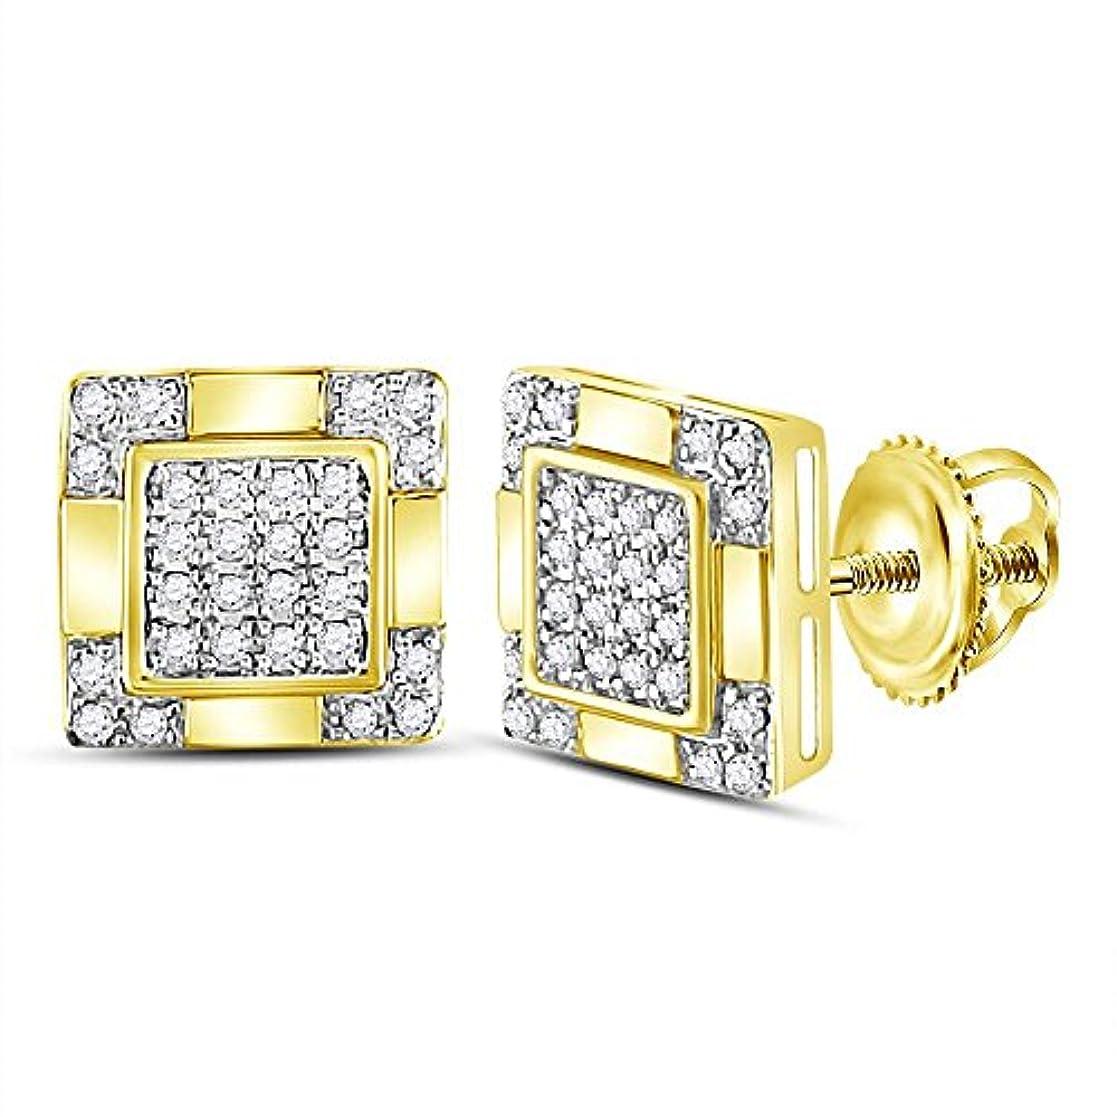 格納計画的クラシカルRoy Rose Jewelry 10K イエローゴールド メンズ ラウンドダイヤモンド スクエア クラスタッド ピアス 1/6カラット tw